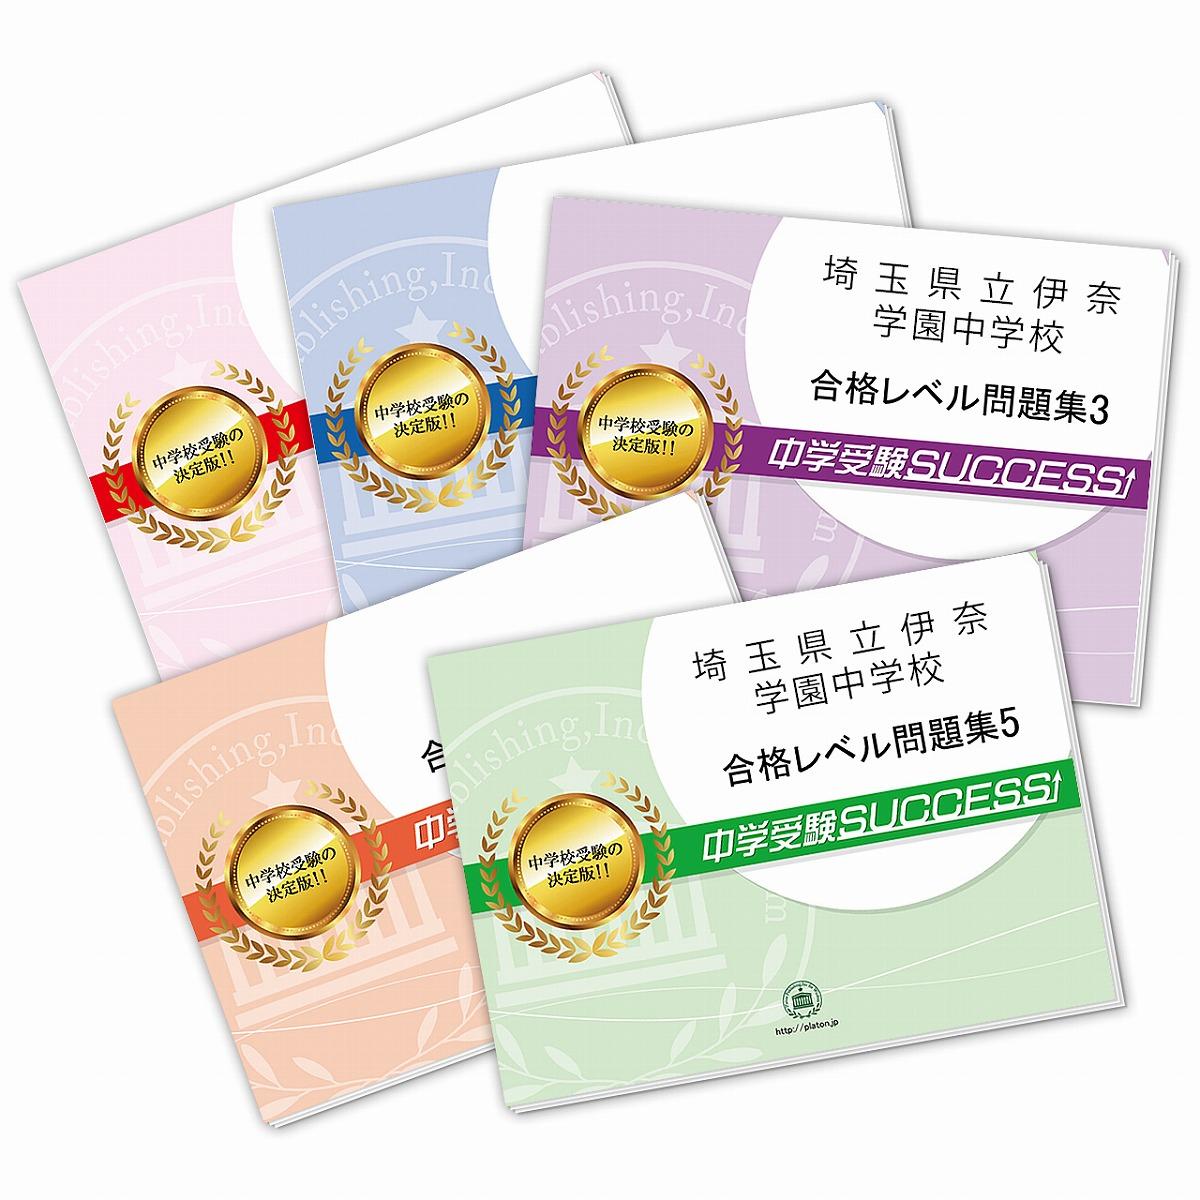 輸入 送料 代引手数料無料 埼玉県立伊奈学園中学校 低価格化 5冊 直前対策合格セット